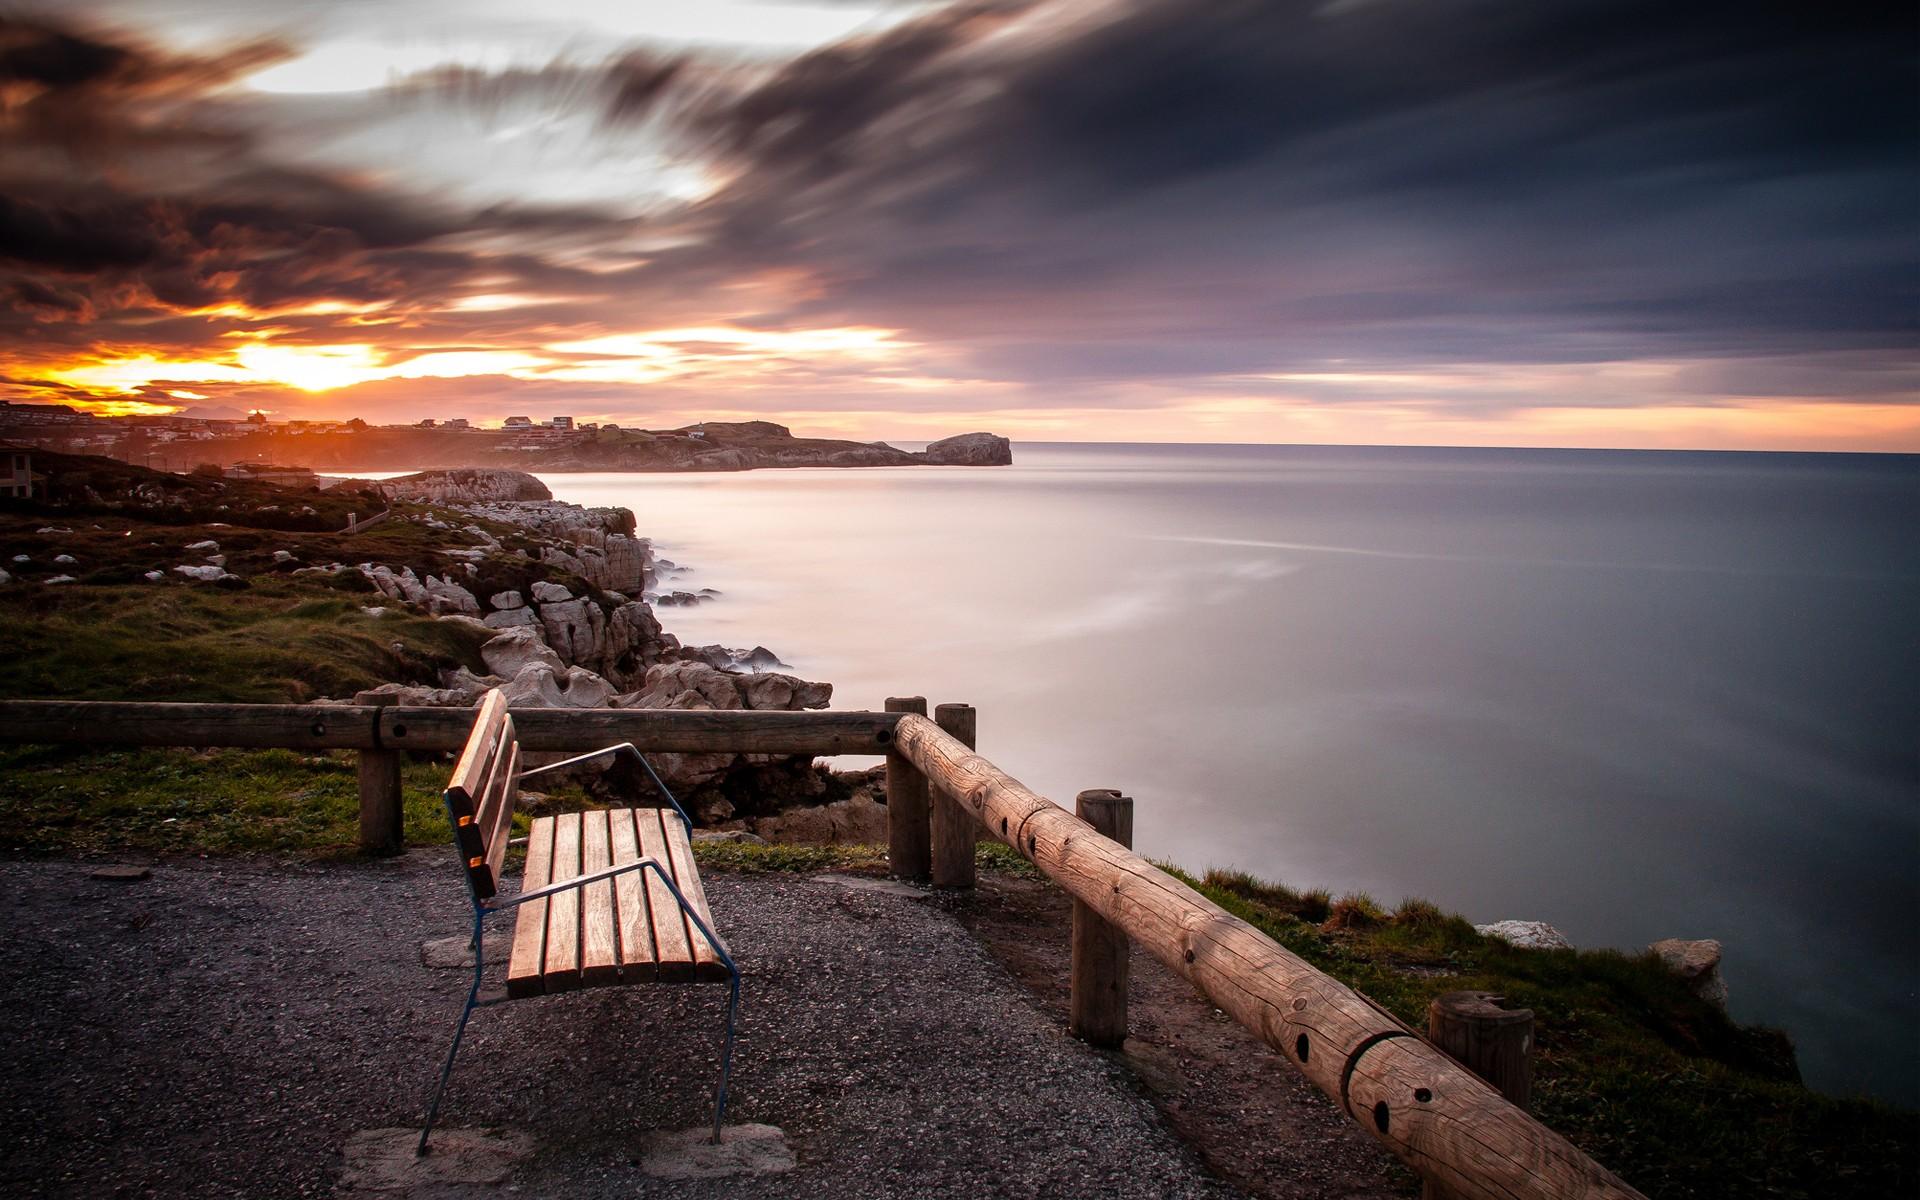 孤独的长椅唯美风景桌面壁纸高清